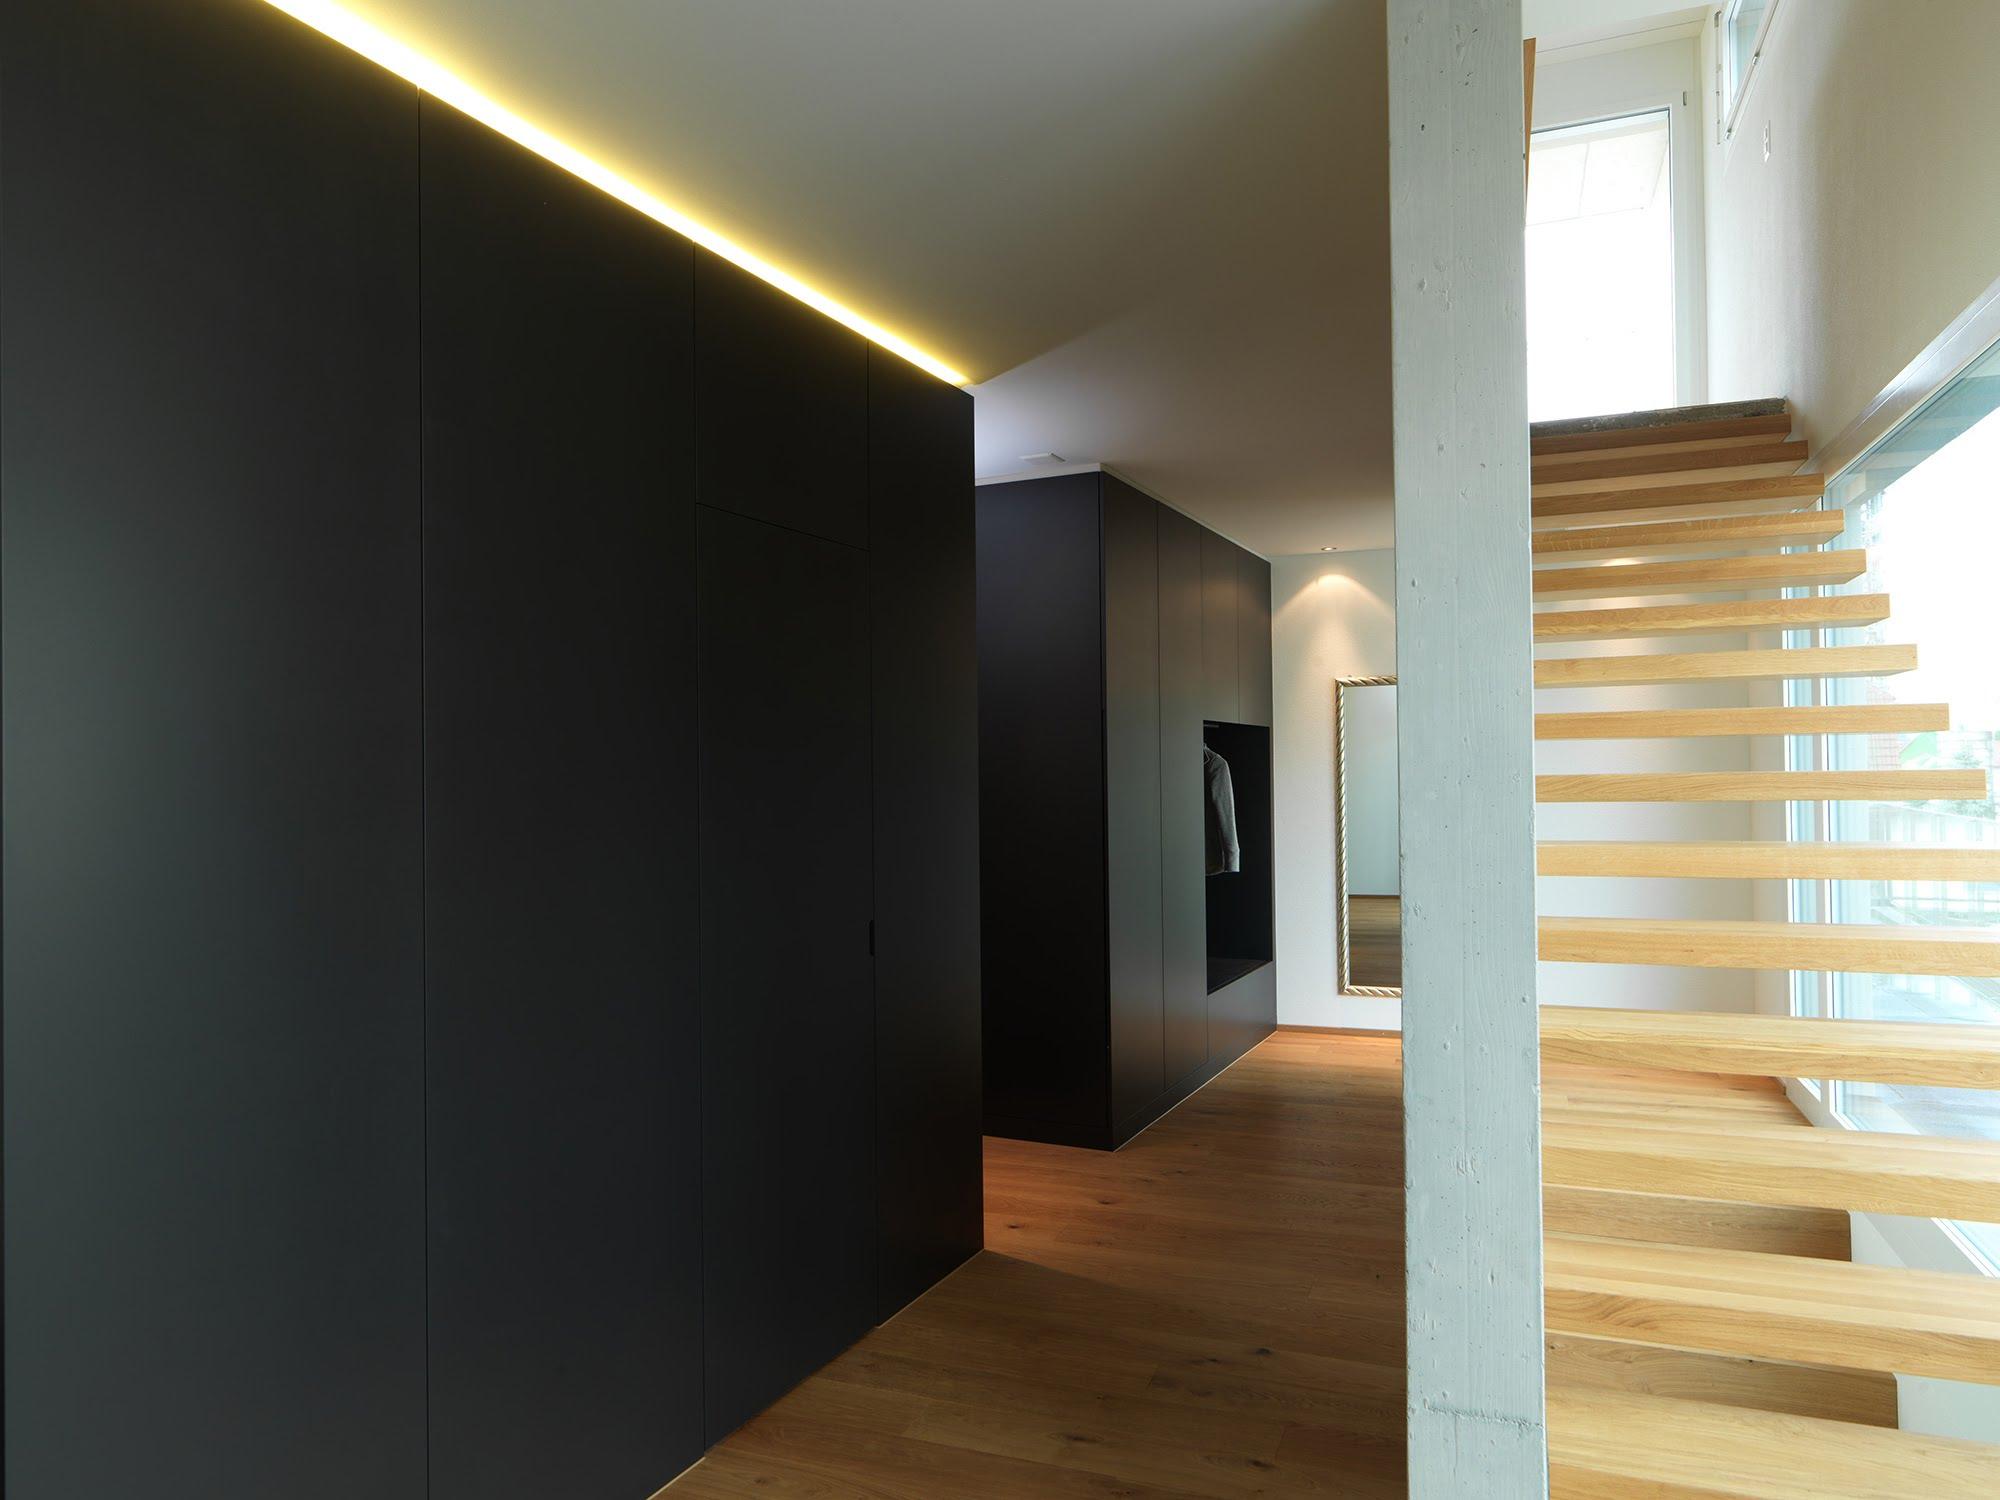 Gesamtkonzept Attikawohnung - Raumgestaltung & Innenarchitektur-Küchen werden immer mehr zum Ort der Begegnung - Sursee, Willisau, Aargau, Zentralschweiz, Luzern, Zofingen